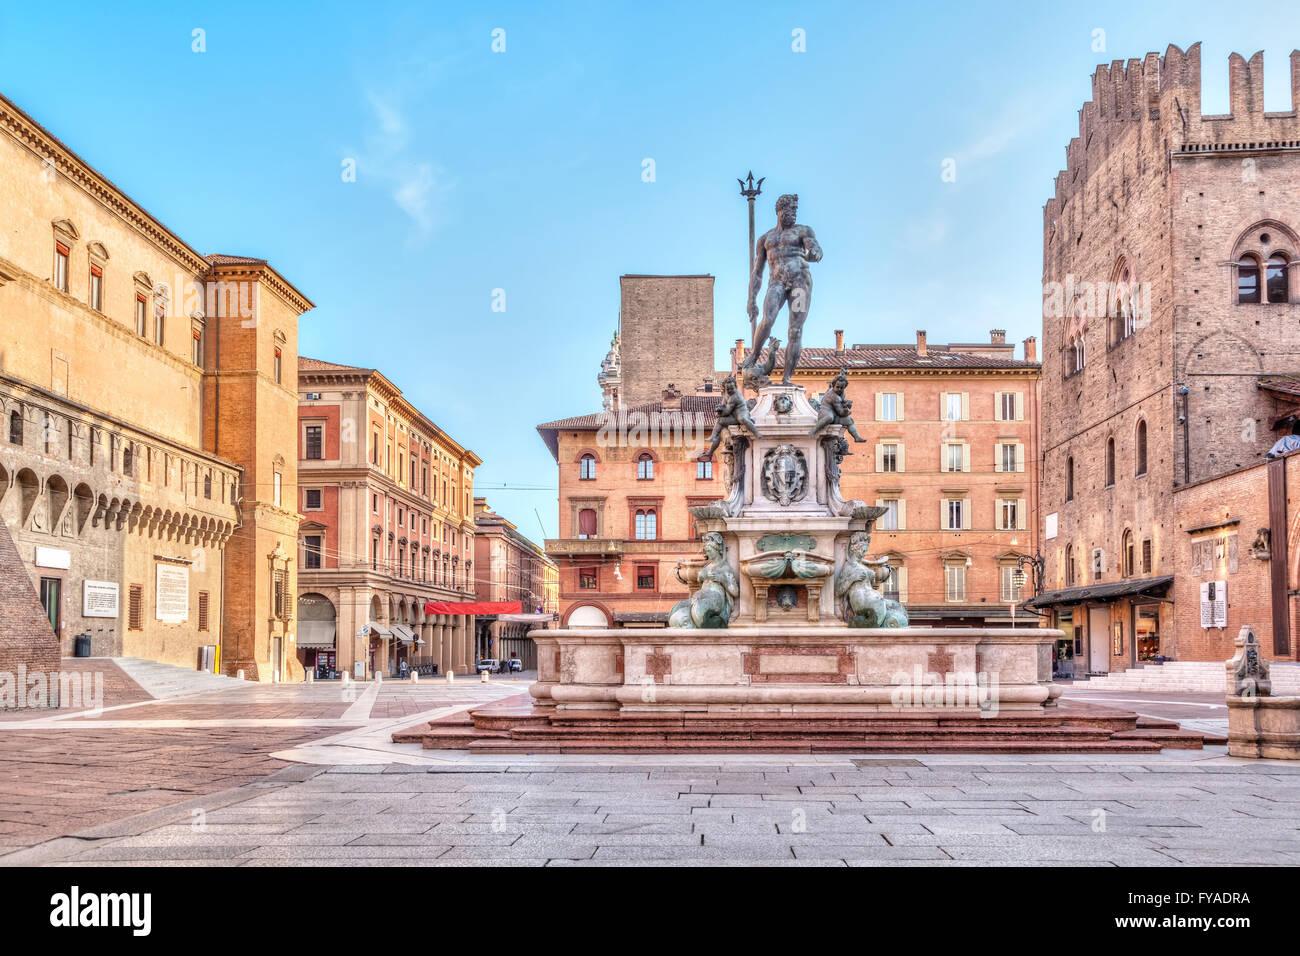 Piazza del Nettuno square in Bologna, Emilia-Romagna, Italy - Stock Image